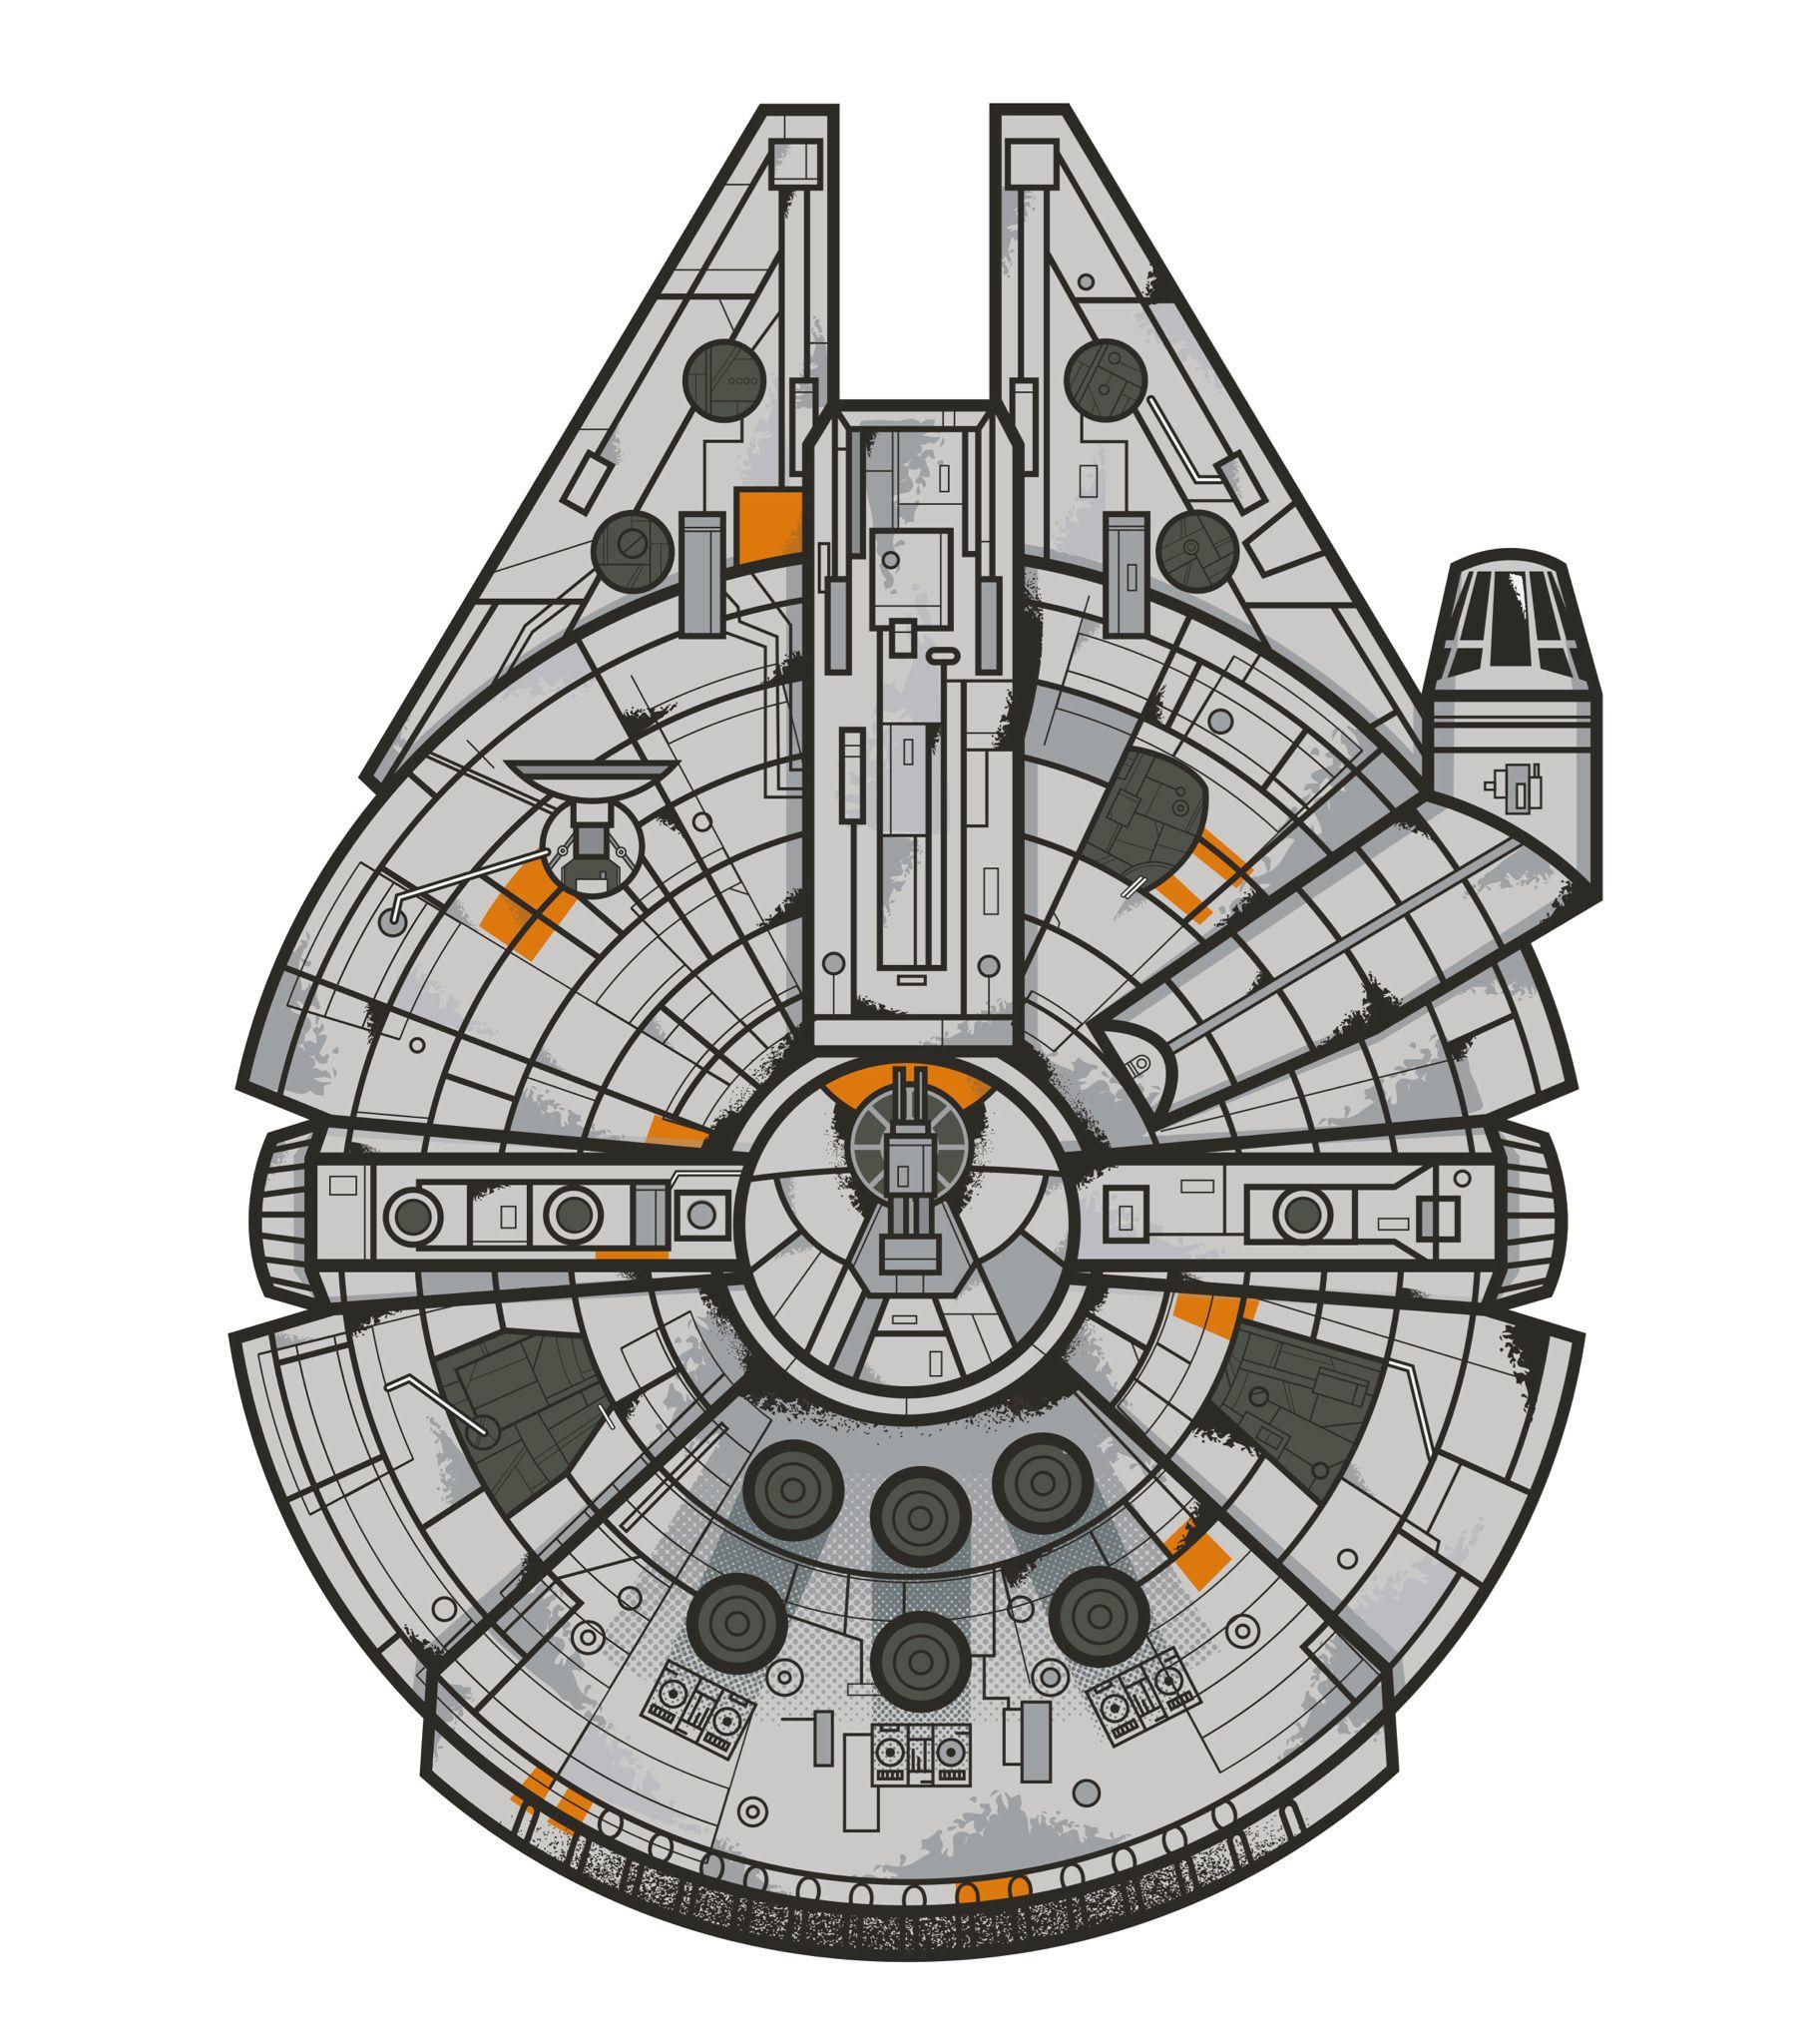 Pin By Matt Uren On Sci Fi Work Star Wars Tattoo Star Wars Drawings Star Wars Art